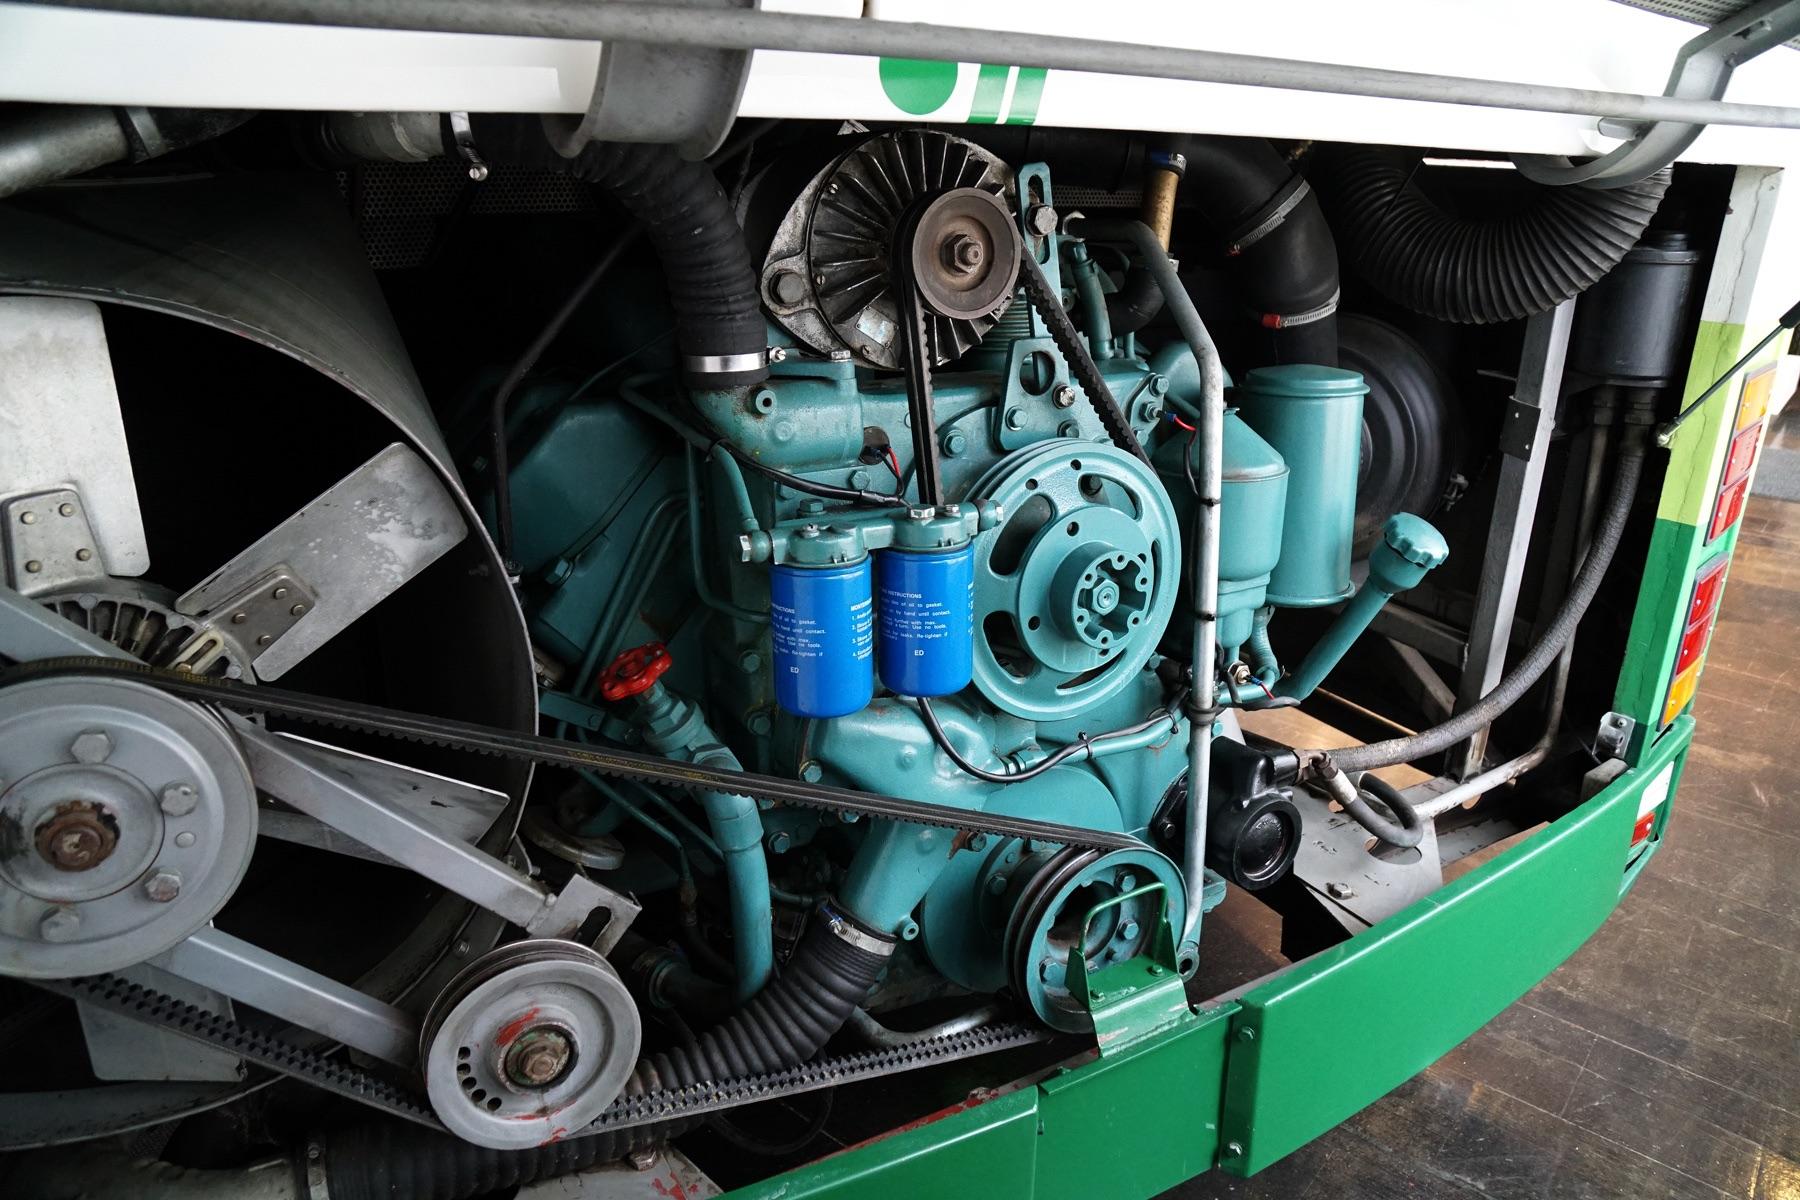 CR145型のリアに、縦置きに積まれたV8エンジンはノンターボ仕様が選ばれ、260hpのパワーを発揮。パワー不足が叫ばれていた当時の長距離バスの中で、コンチネンタルツアラーとして重宝された。